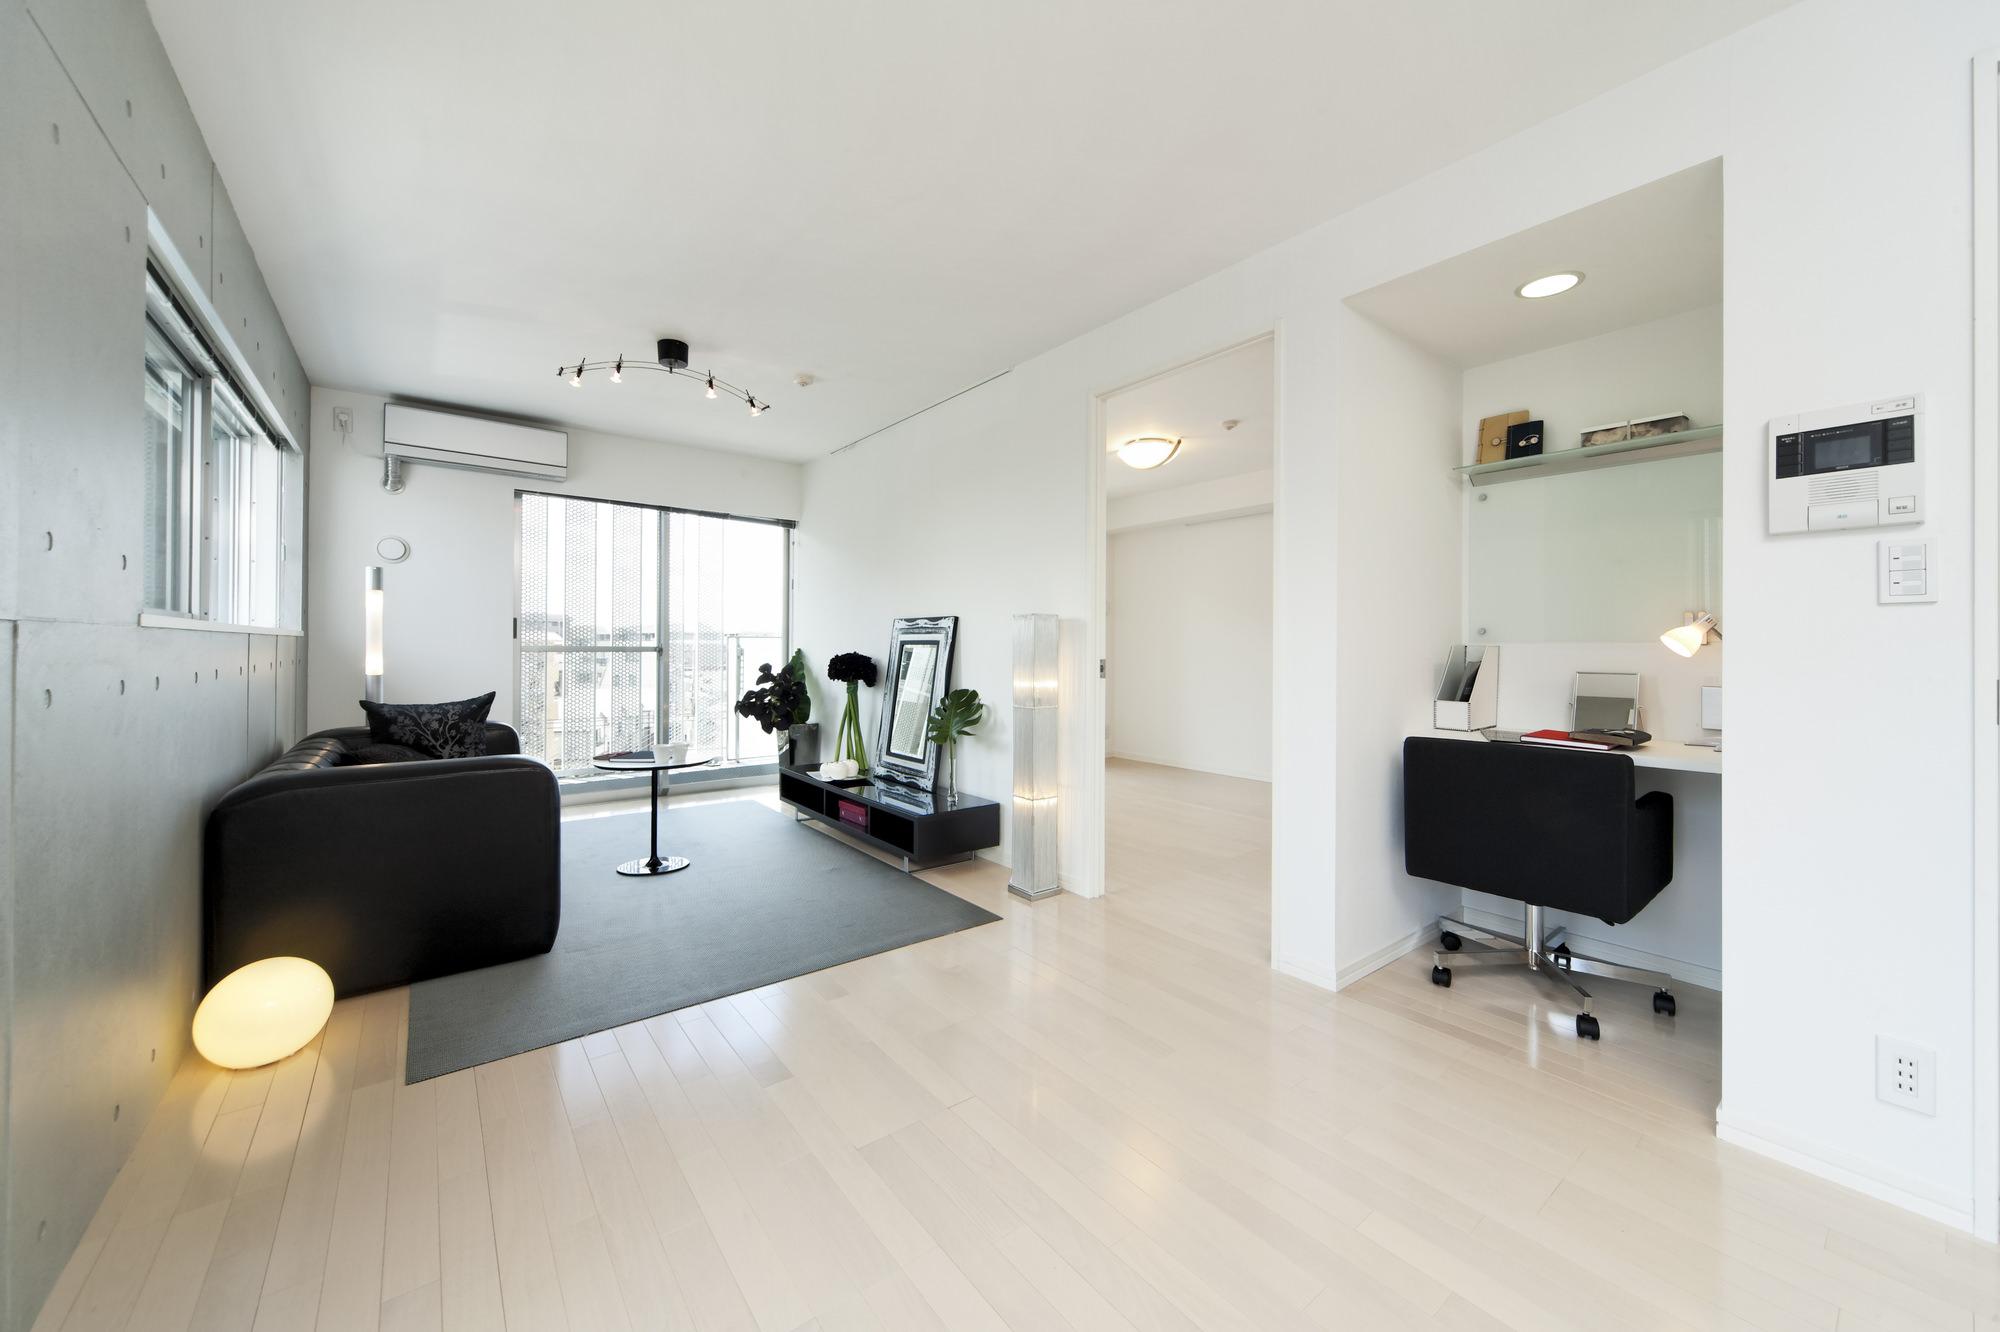 モノトーンでシンプルな部屋白黒インテリアで部屋をコーディネート